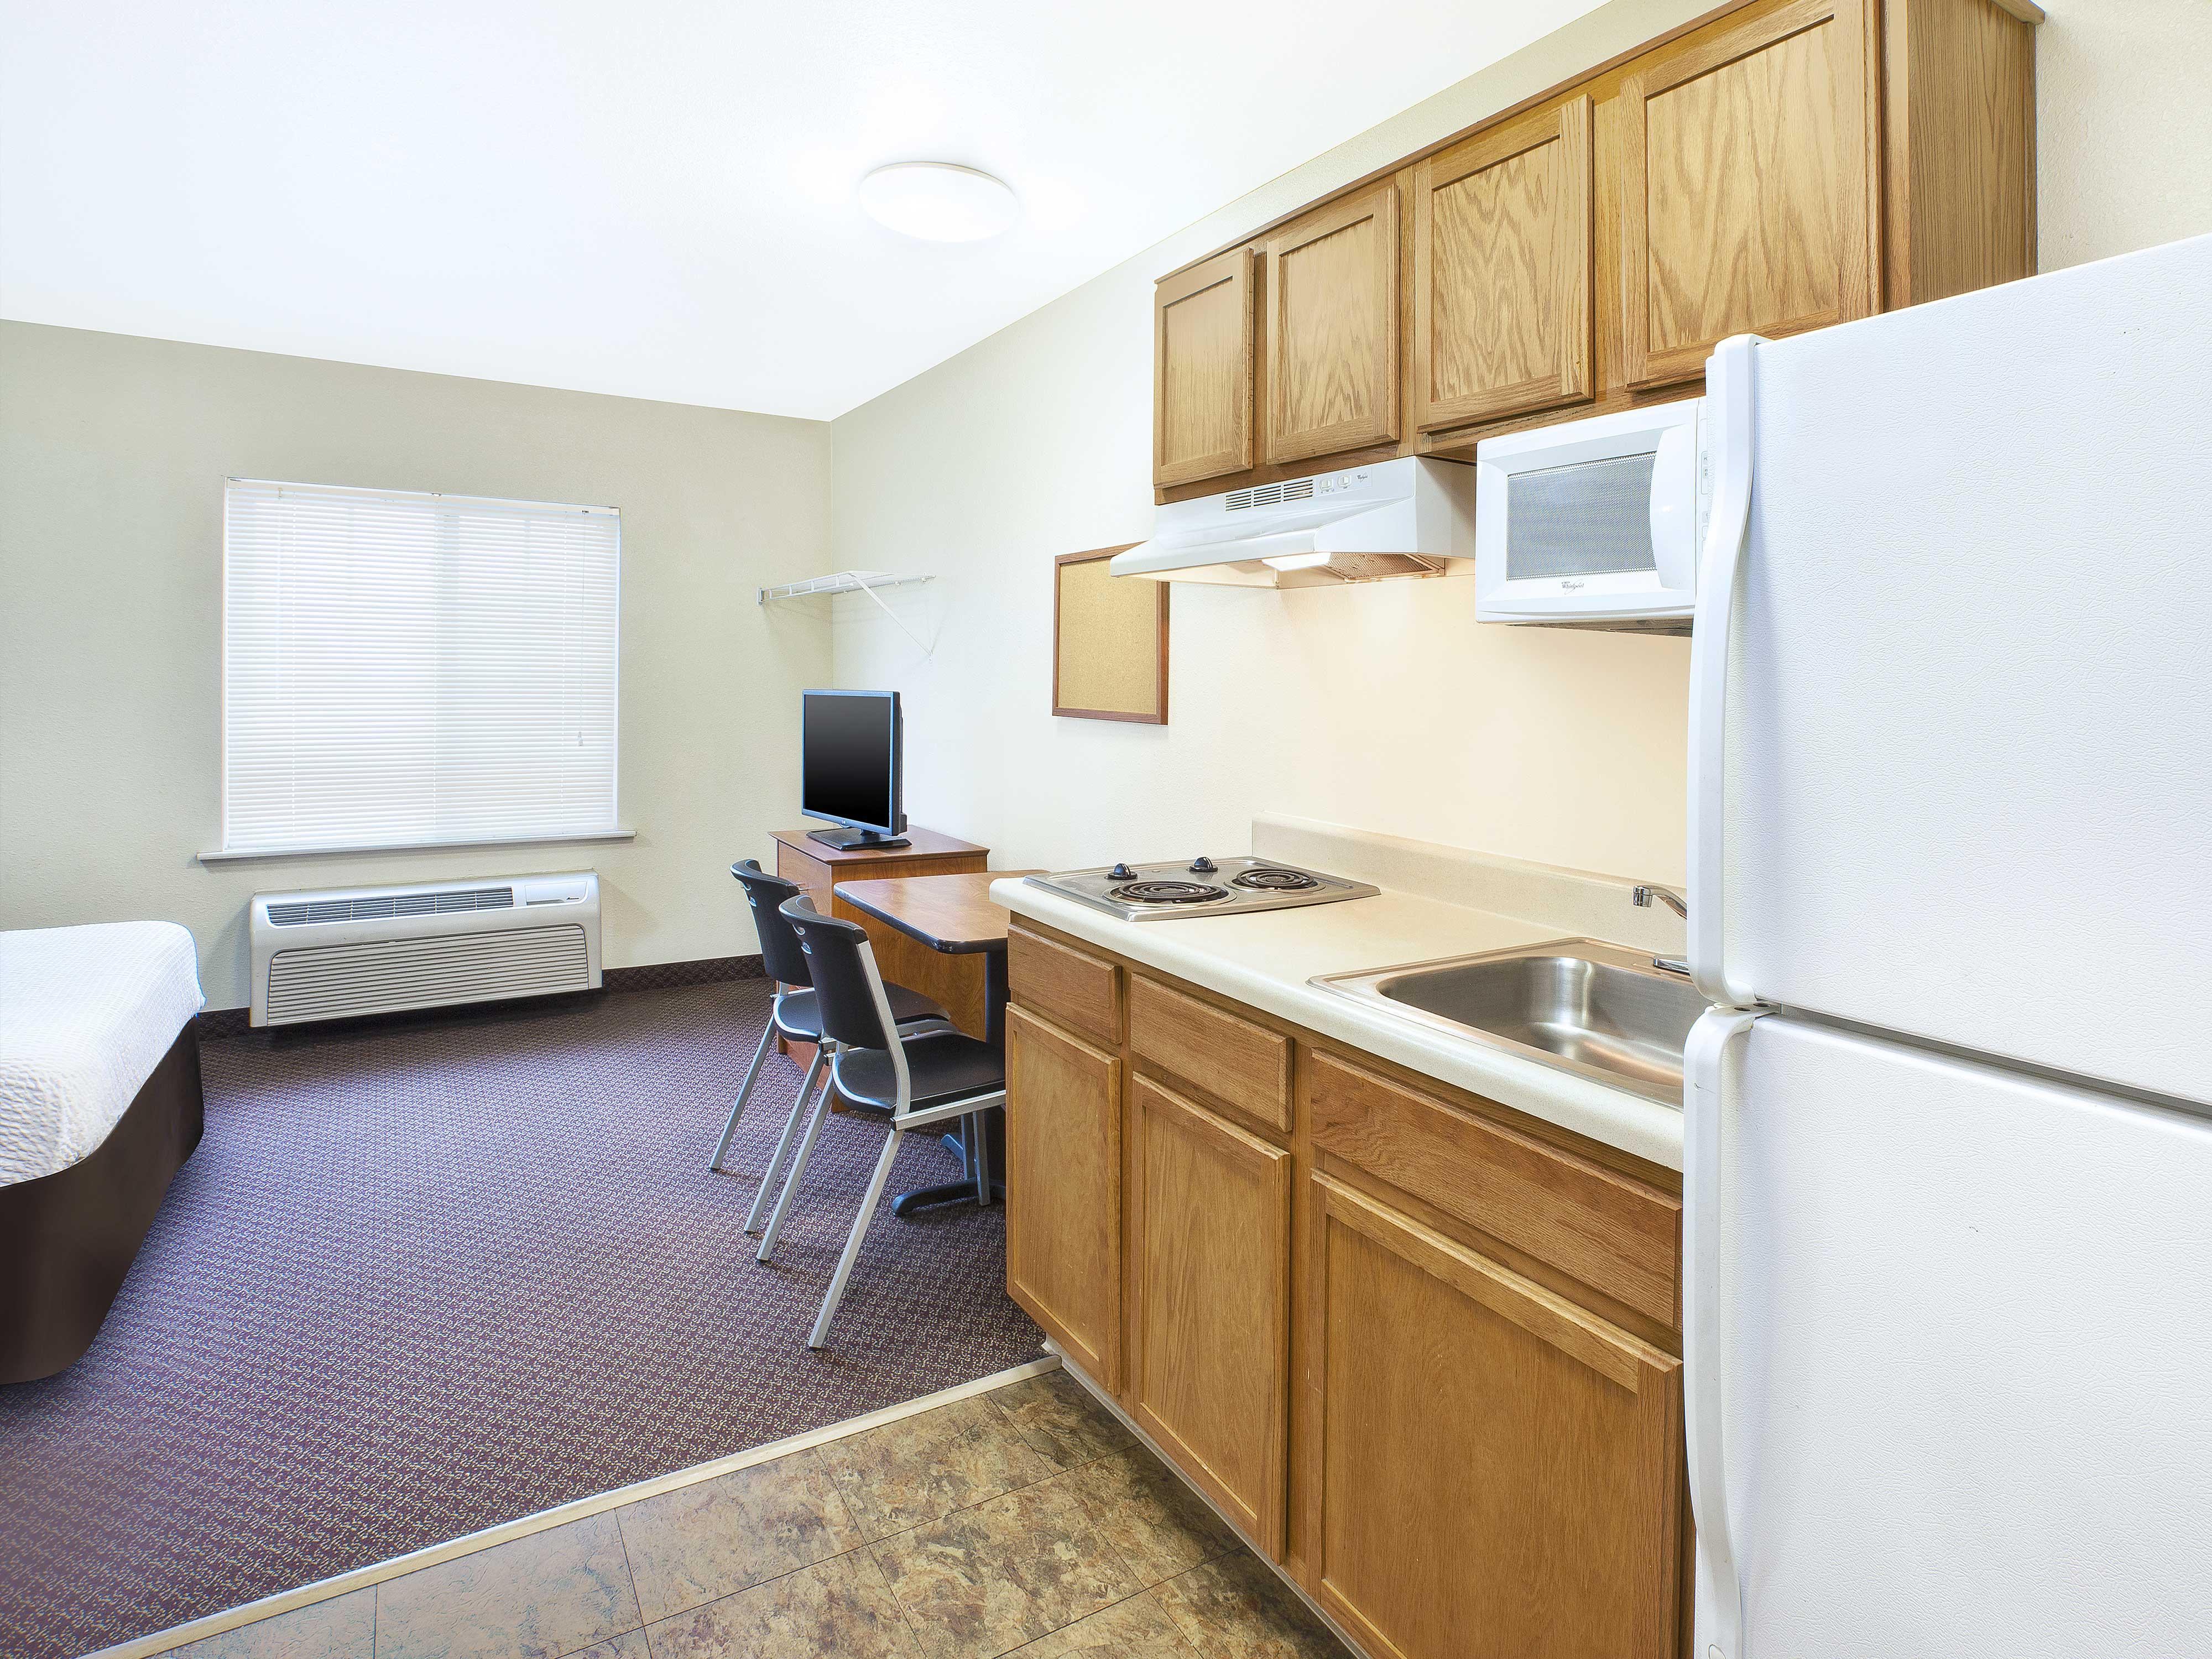 WoodSpring Suites Grand Rapids Holland image 3